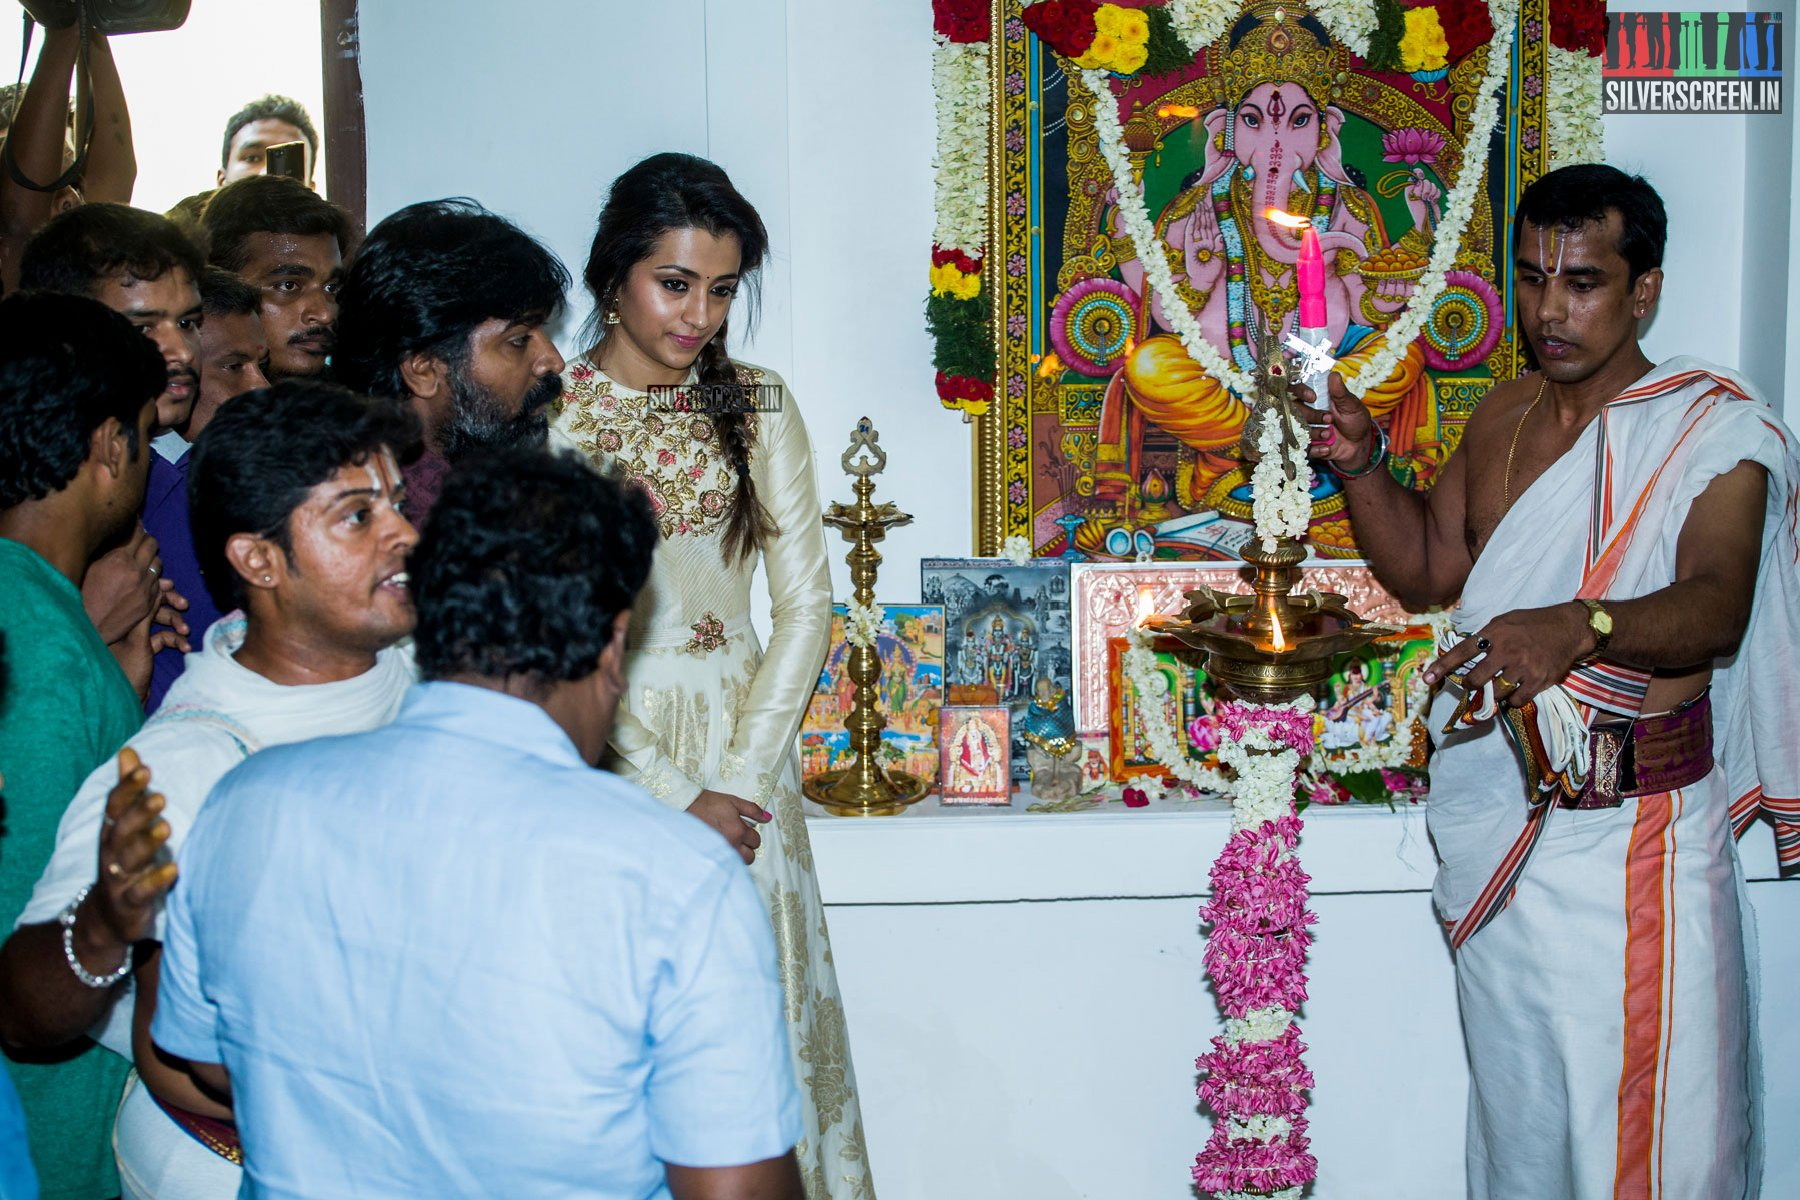 In Pictures: Vijay Sethupathi and Trisha Krishnan at 96